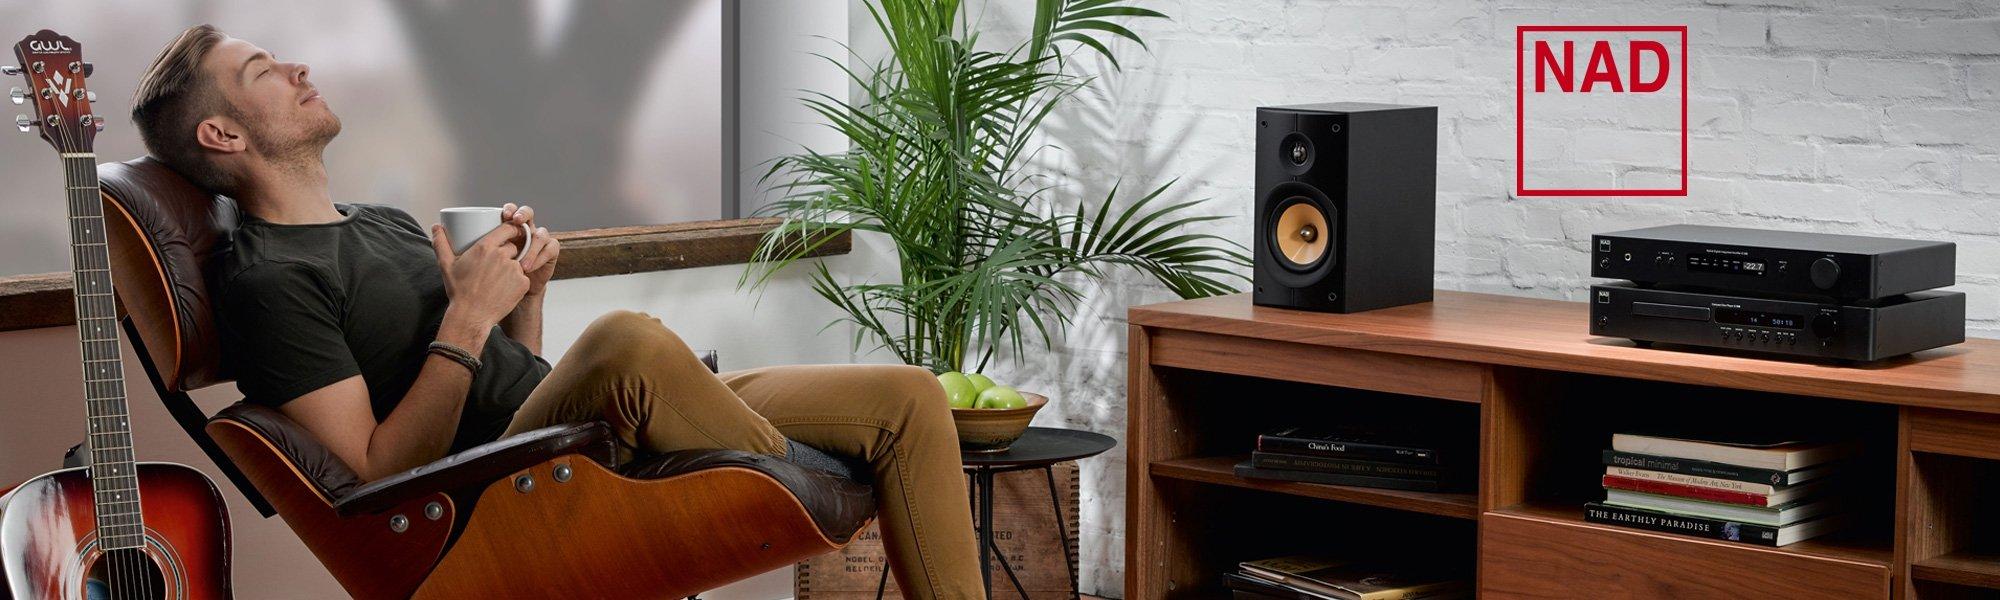 NAD Hifi Elektronik kauft man beim Hifi Händler Akustiktune, dem Hifi Geschäft in Österreich